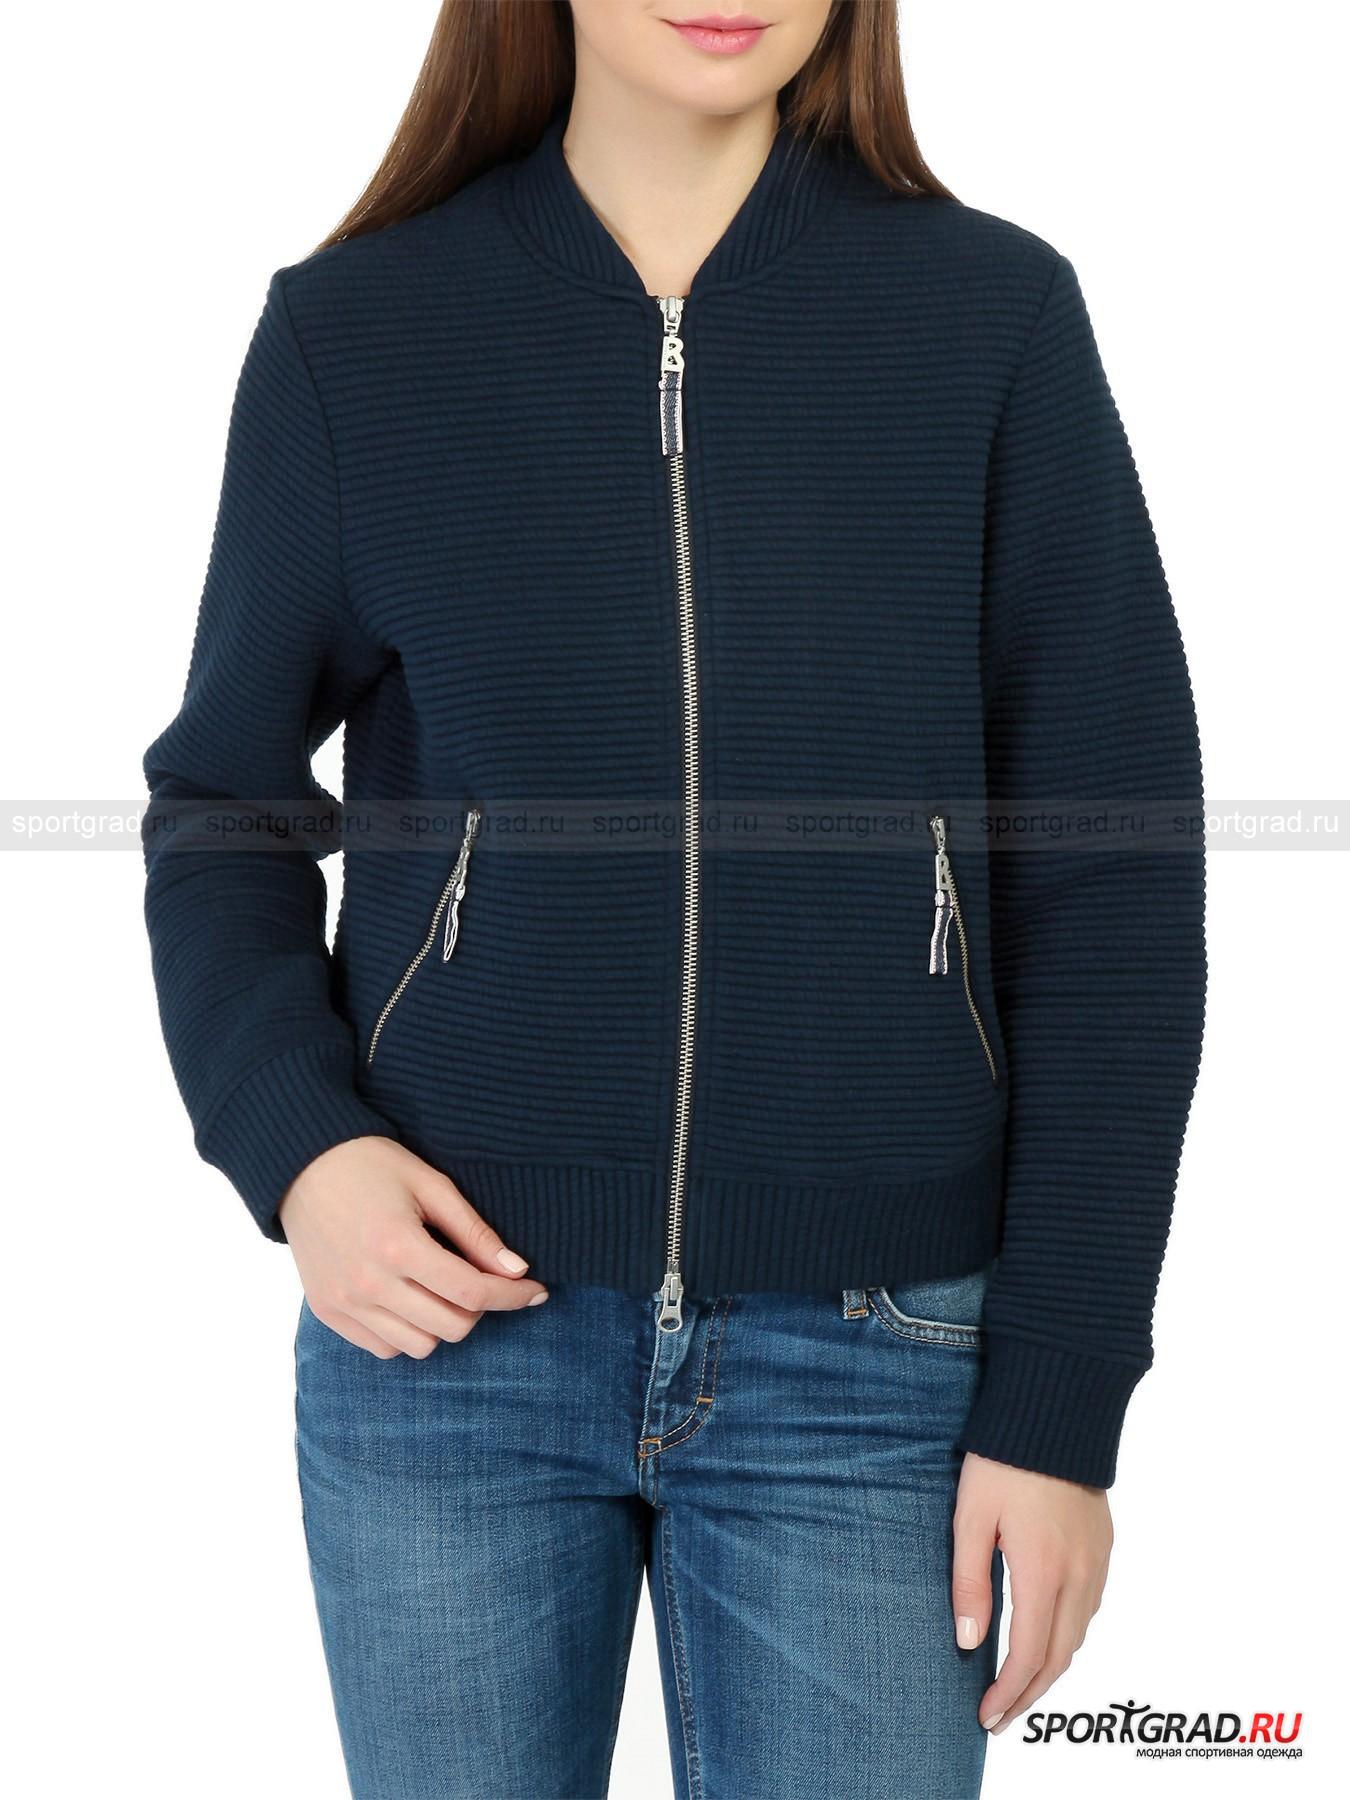 Толстовка женская Quilted Jersey BOGNER JEANSТолстовки<br>Удобная толстовка фасона «бомбер» Quilted Jersey Bogner Jeans выглядит невероятно привлекательно. Темно-синий цвет, который к лицу почти всем и сочетается с чем угодно, модный крой, фактурный материал, качественная фурнитура - такая вещь легко найдет себе место в гардеробе современной модницы.<br><br>Толстовка выполнена из плотного теплого текстиля с объемной поверхностью, снабжена двумя карманами и фронтальной молнией с двумя бегунками. Она садится довольно свободно, скрывая возможные лишние сантиметры в районе талии.<br><br>Пол: Женский<br>Возраст: Взрослый<br>Тип: Толстовки<br>Рекомендации по уходу: деликатная стирка до 30 С; не отбеливать; гладить при температуре до 110 С; химическая чистка запрещена; нельзя сушить в стиральной машине<br>Состав: 70% хлопок, 30% полиэстер